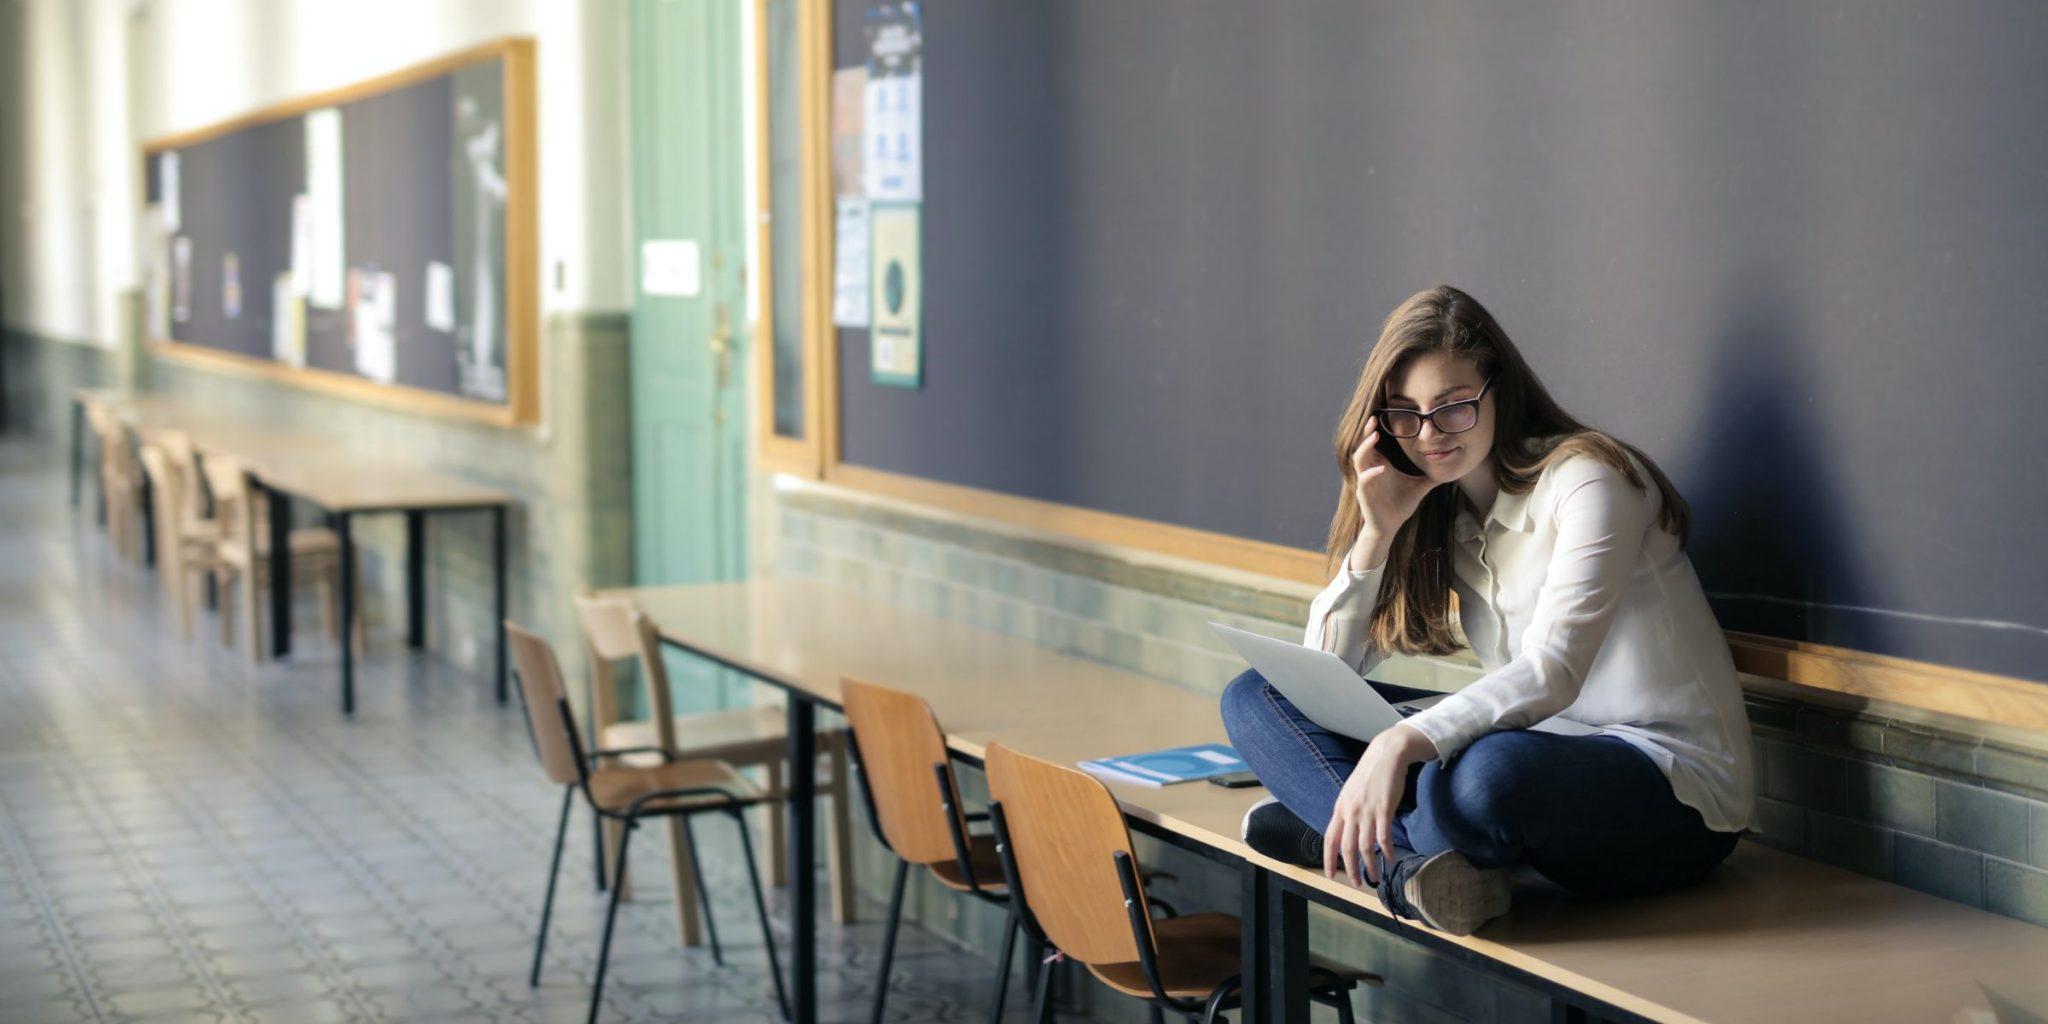 Õpilane istub käsi põsakil koolis laua peal rätsepaistmes ja vaatab süles olevat arvutit. Pildi autor: Andrea Piacquadio Pexelsist.